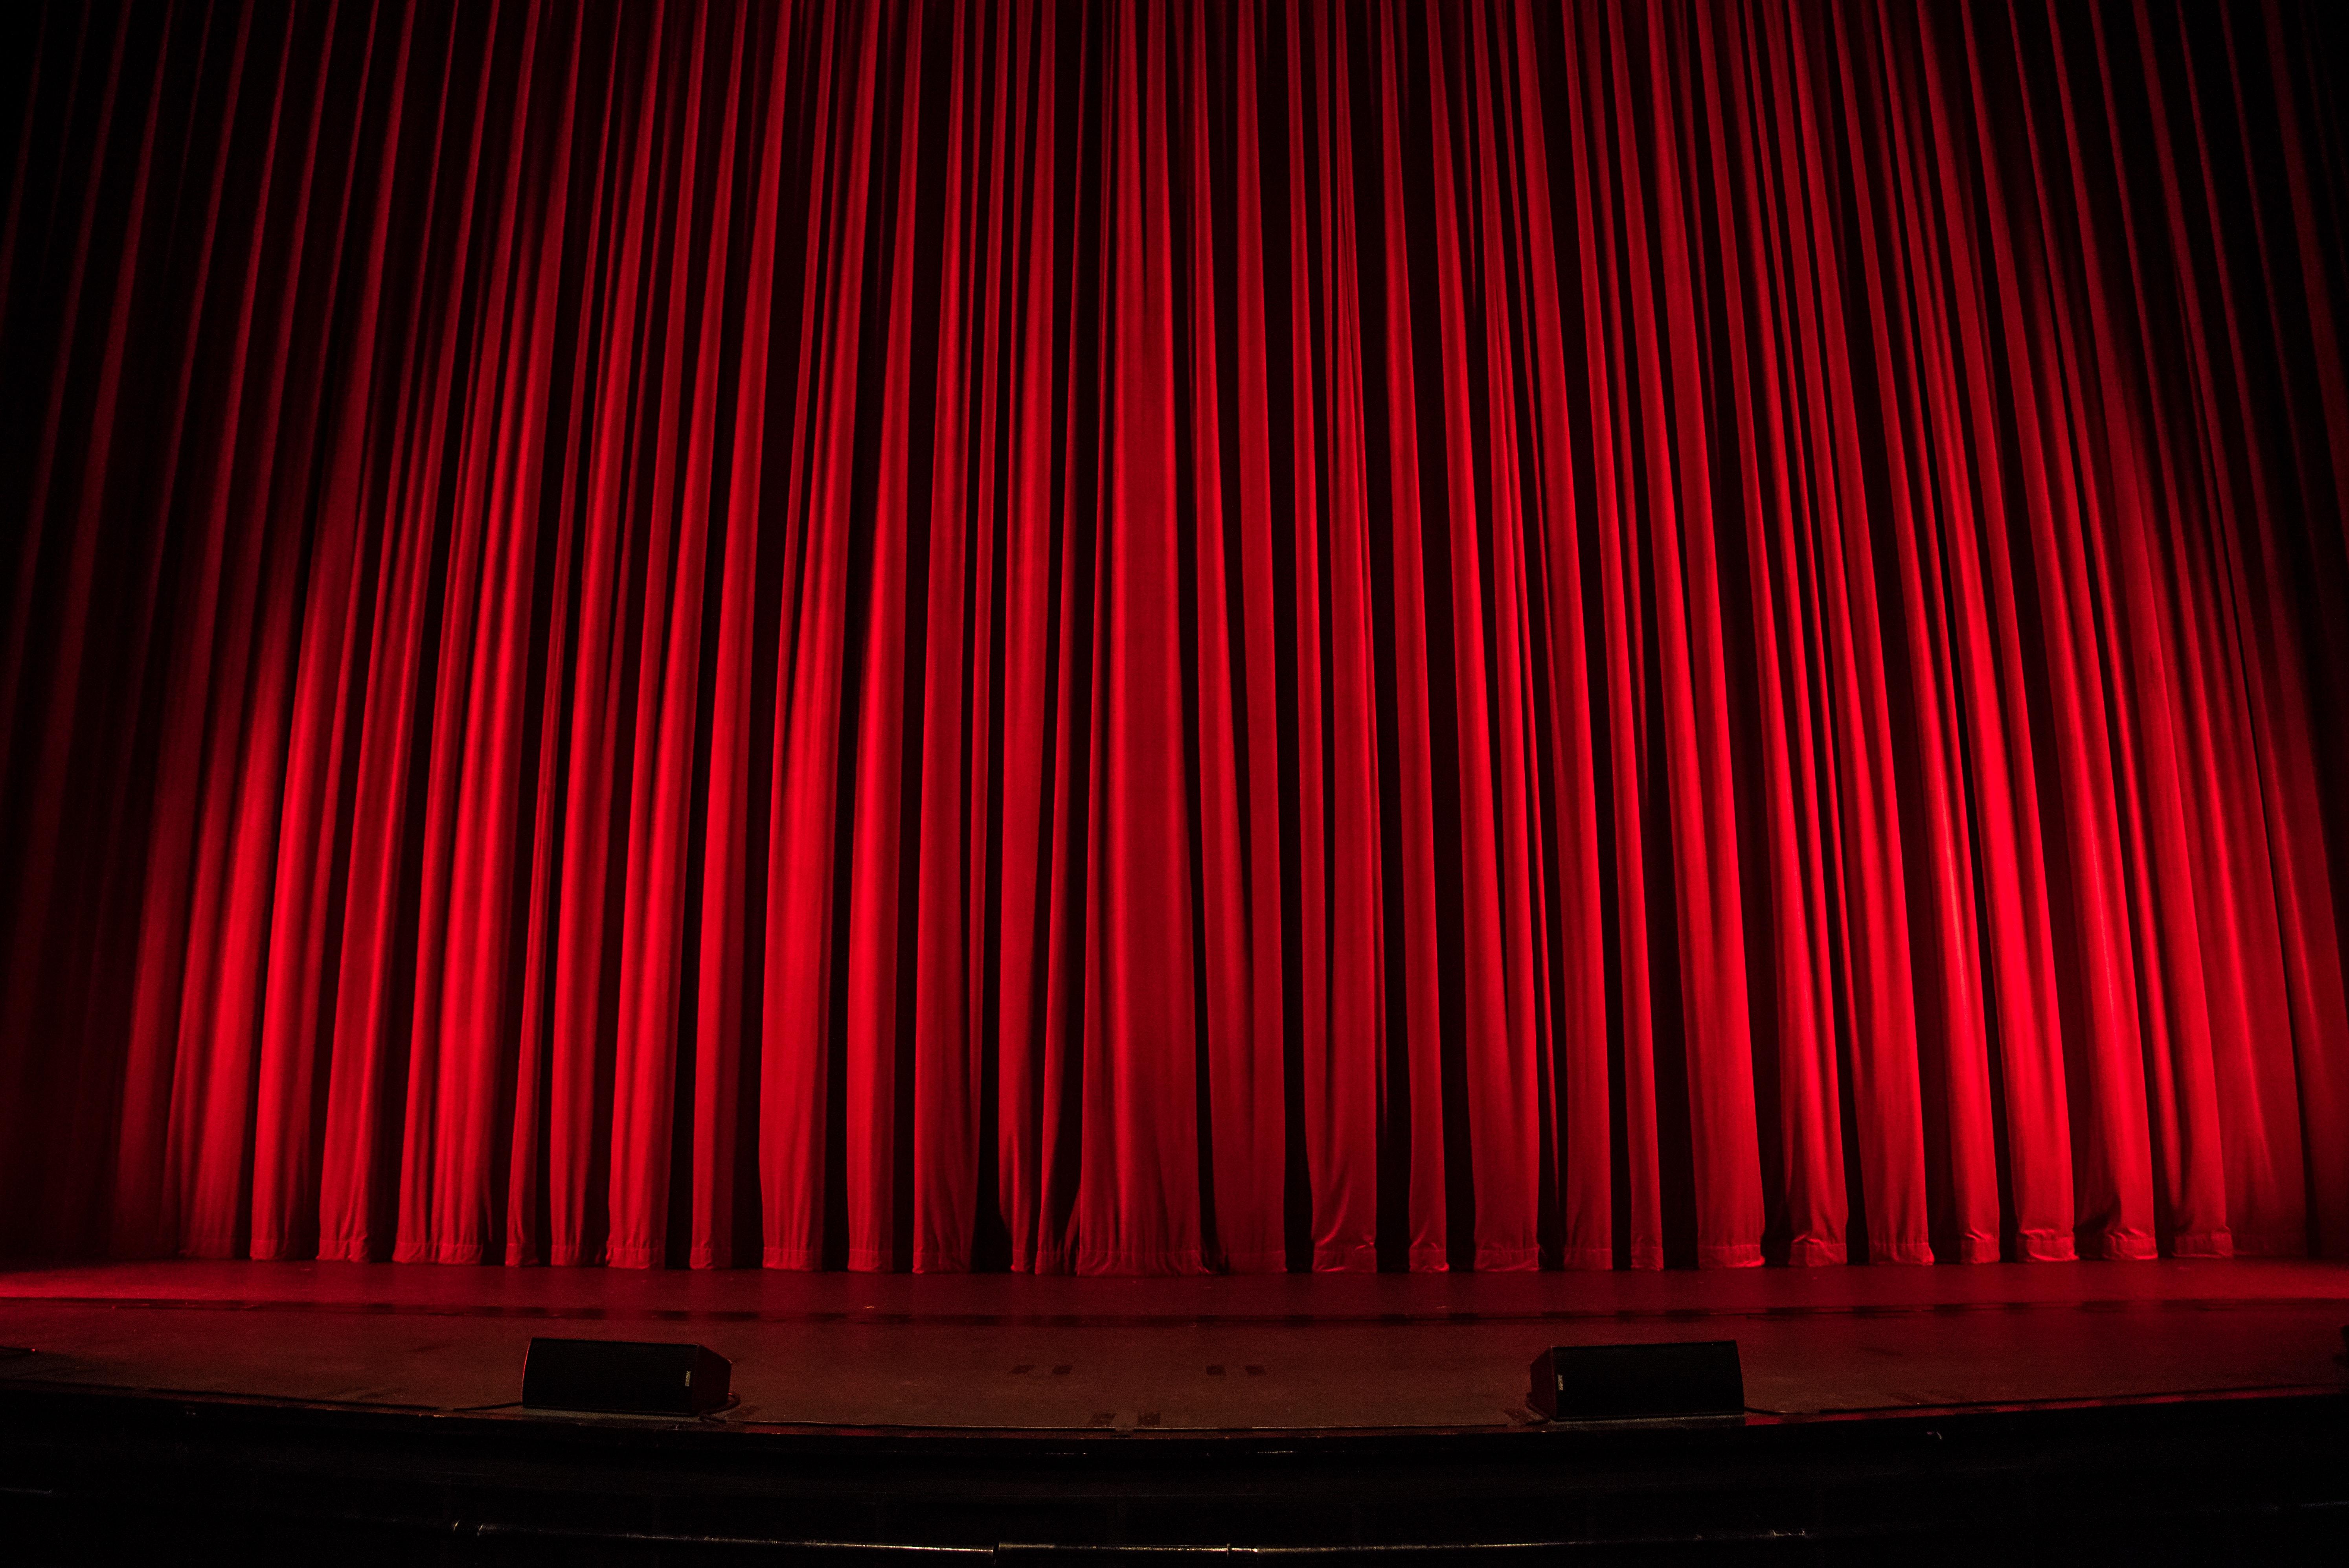 Die 13-tägigen Privattheatertage beginnen im Altonaer Theater.